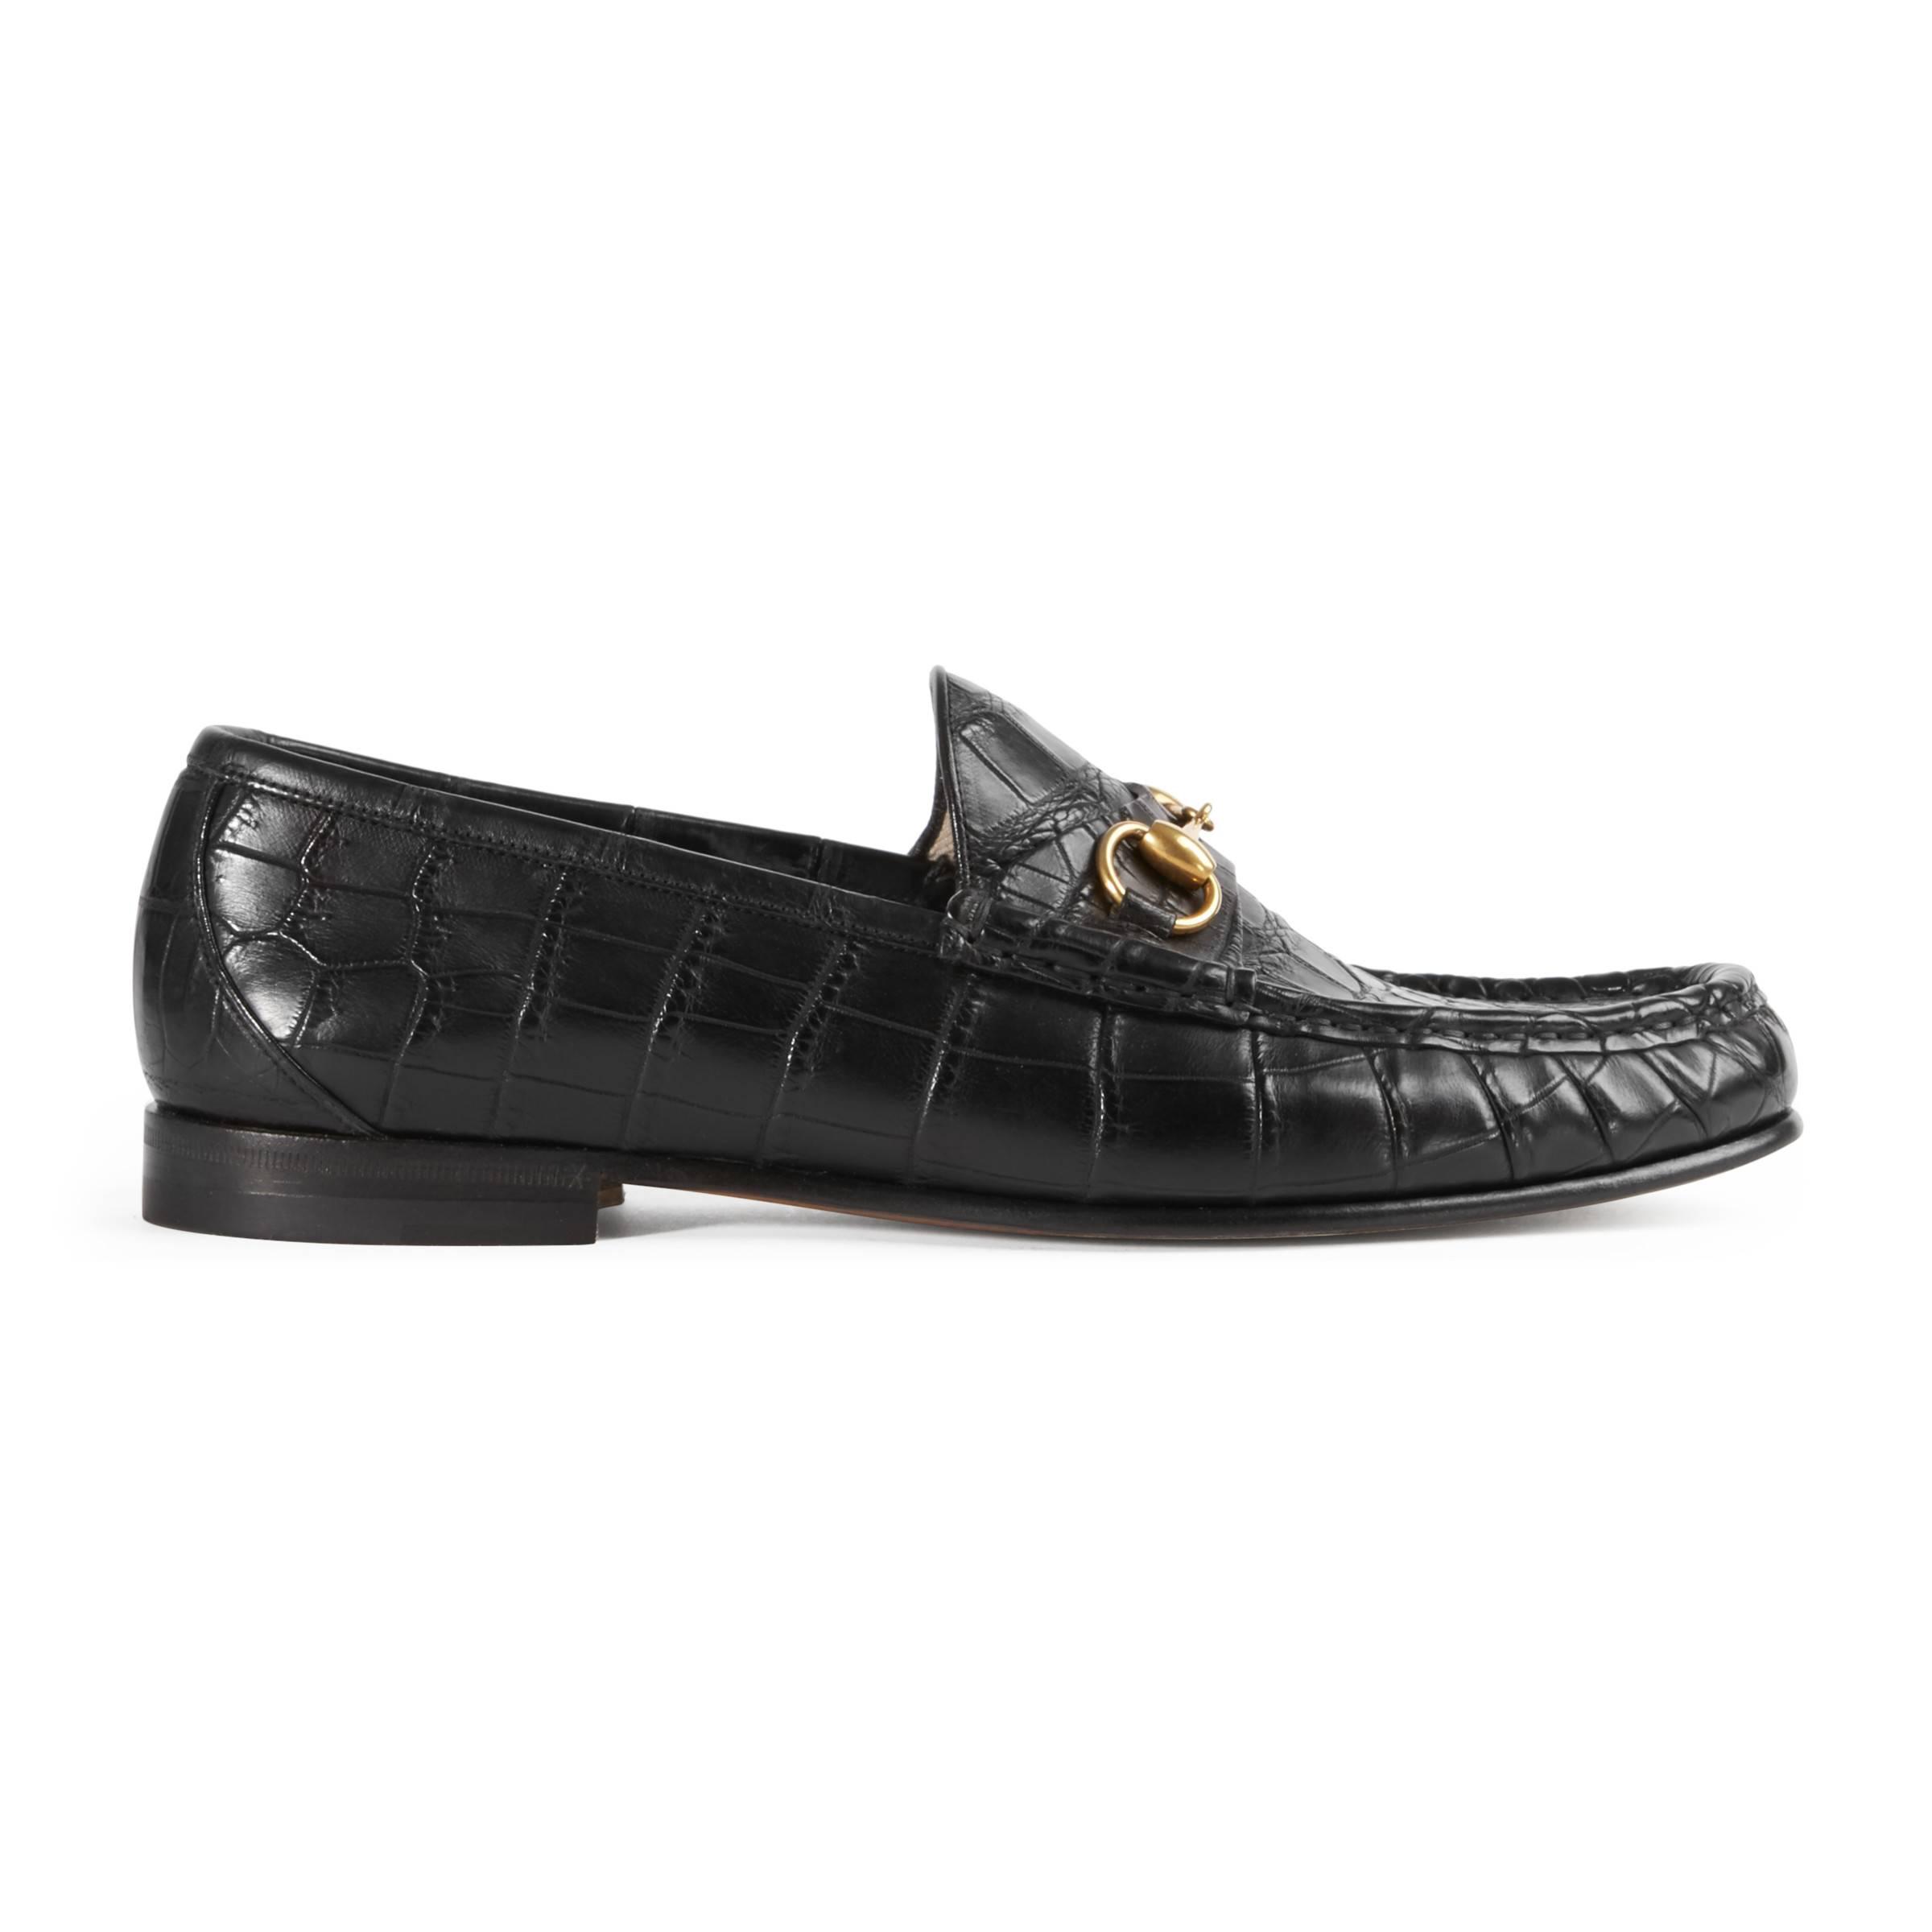 b2c32af5b5b Gucci 1953 Horsebit Crocodile Loafer in Black for Men - Save ...